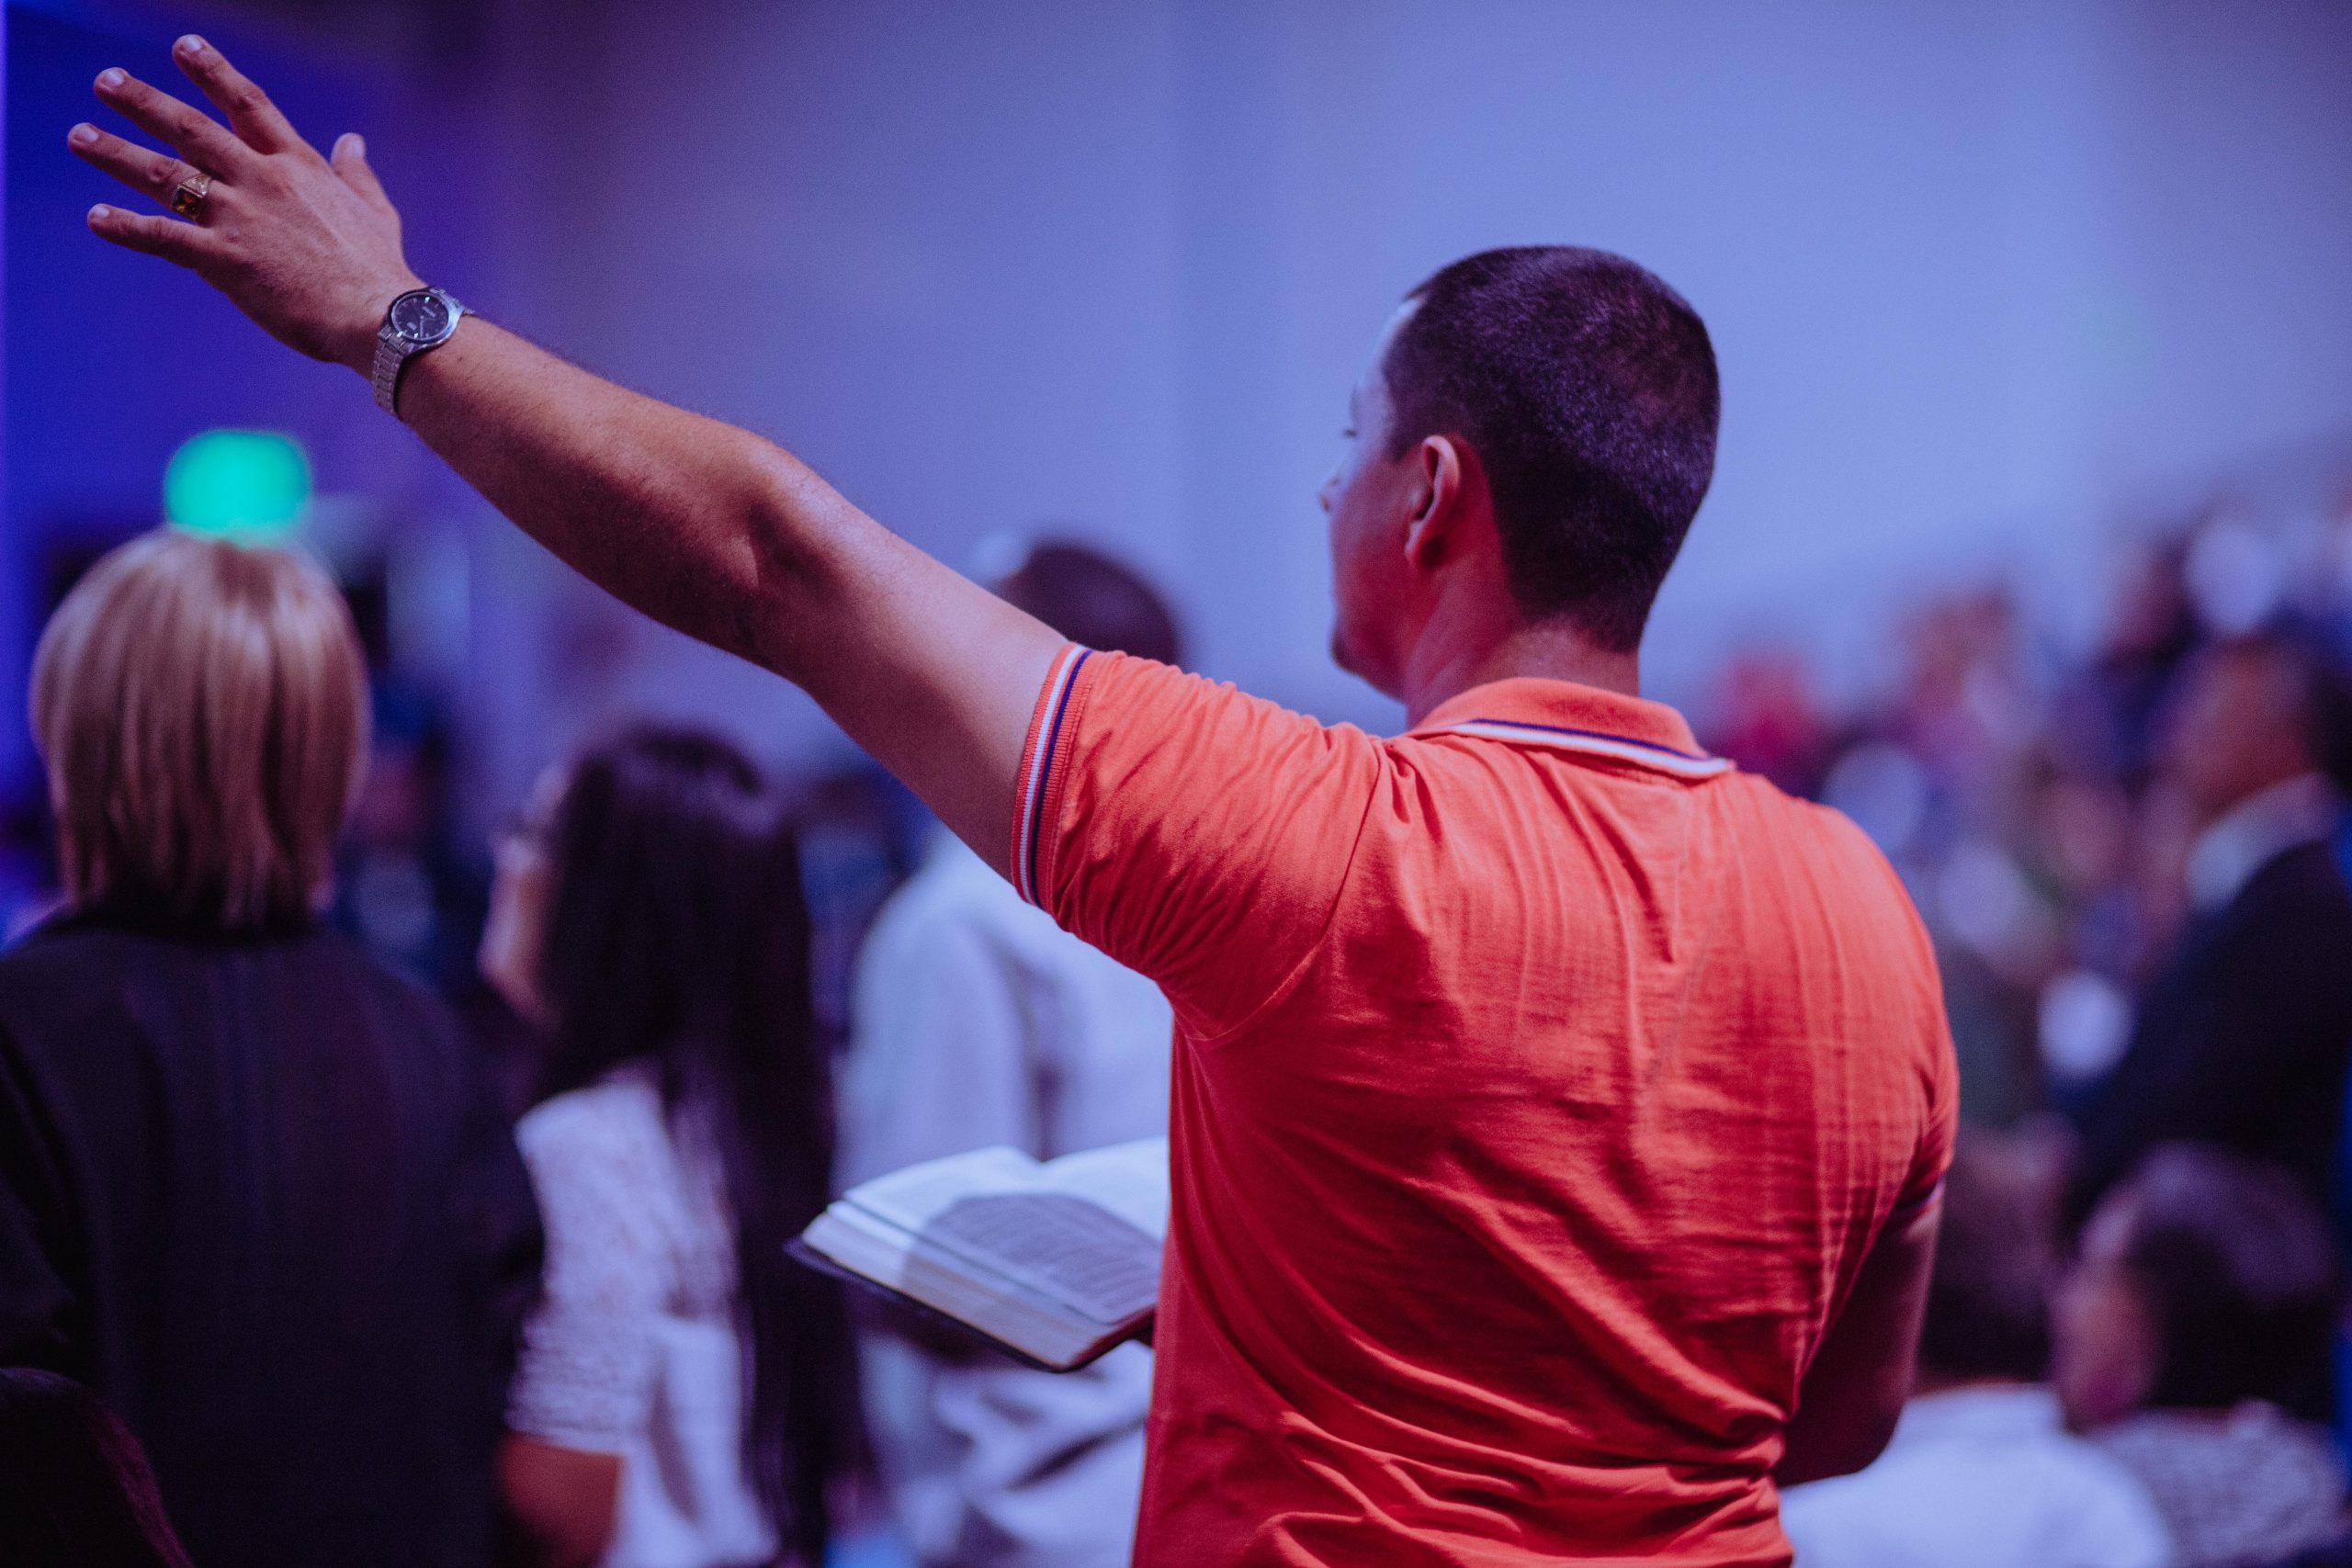 La principale Mission de l'Église de Jésus-Christ